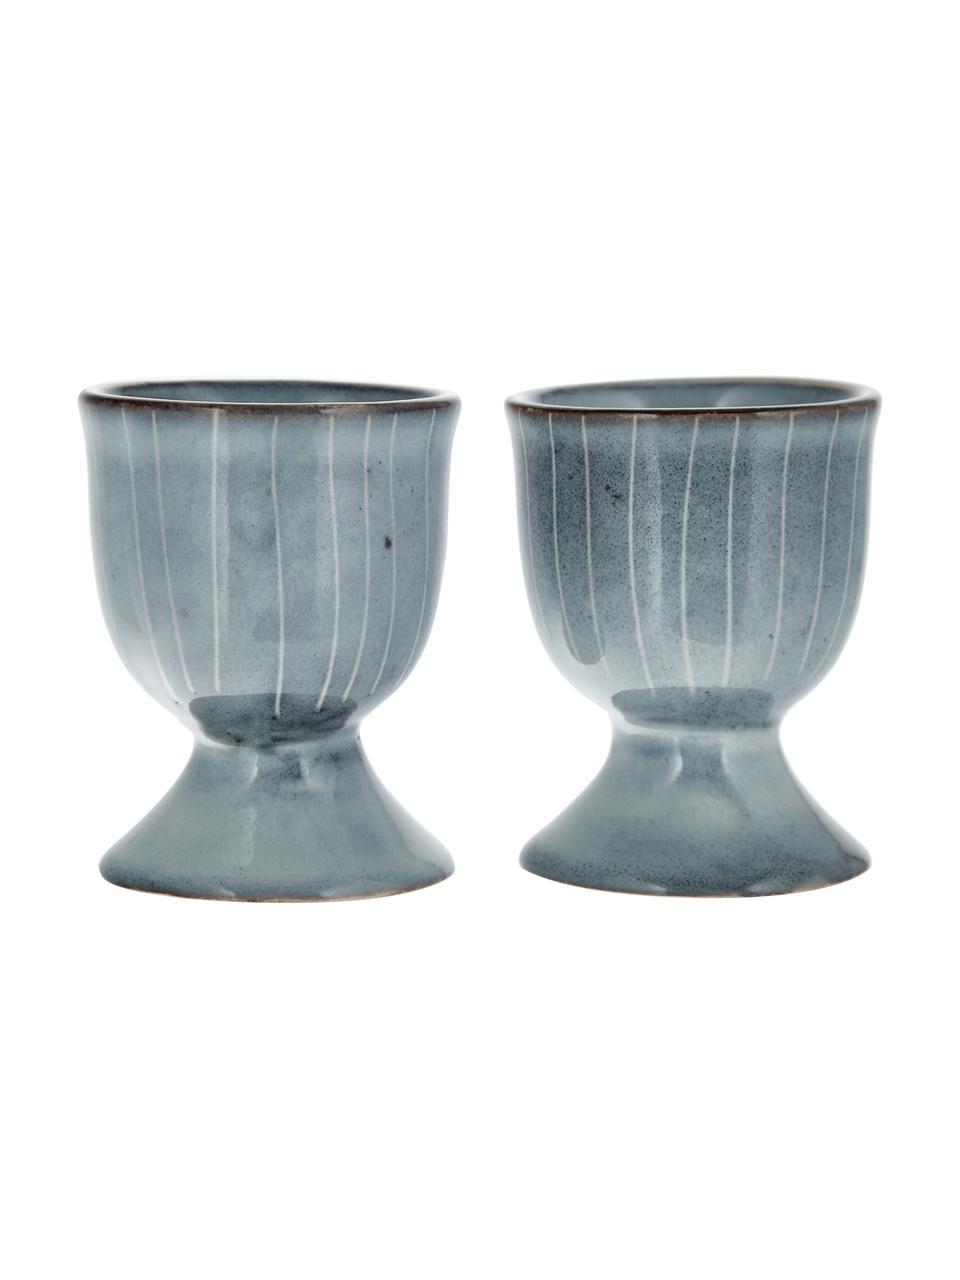 Portauova in terracotta fatto a mano Nordic Sea 2 pz, Terracotta, Grigio- e tonalità blu, Ø 5 x Alt. 6 cm